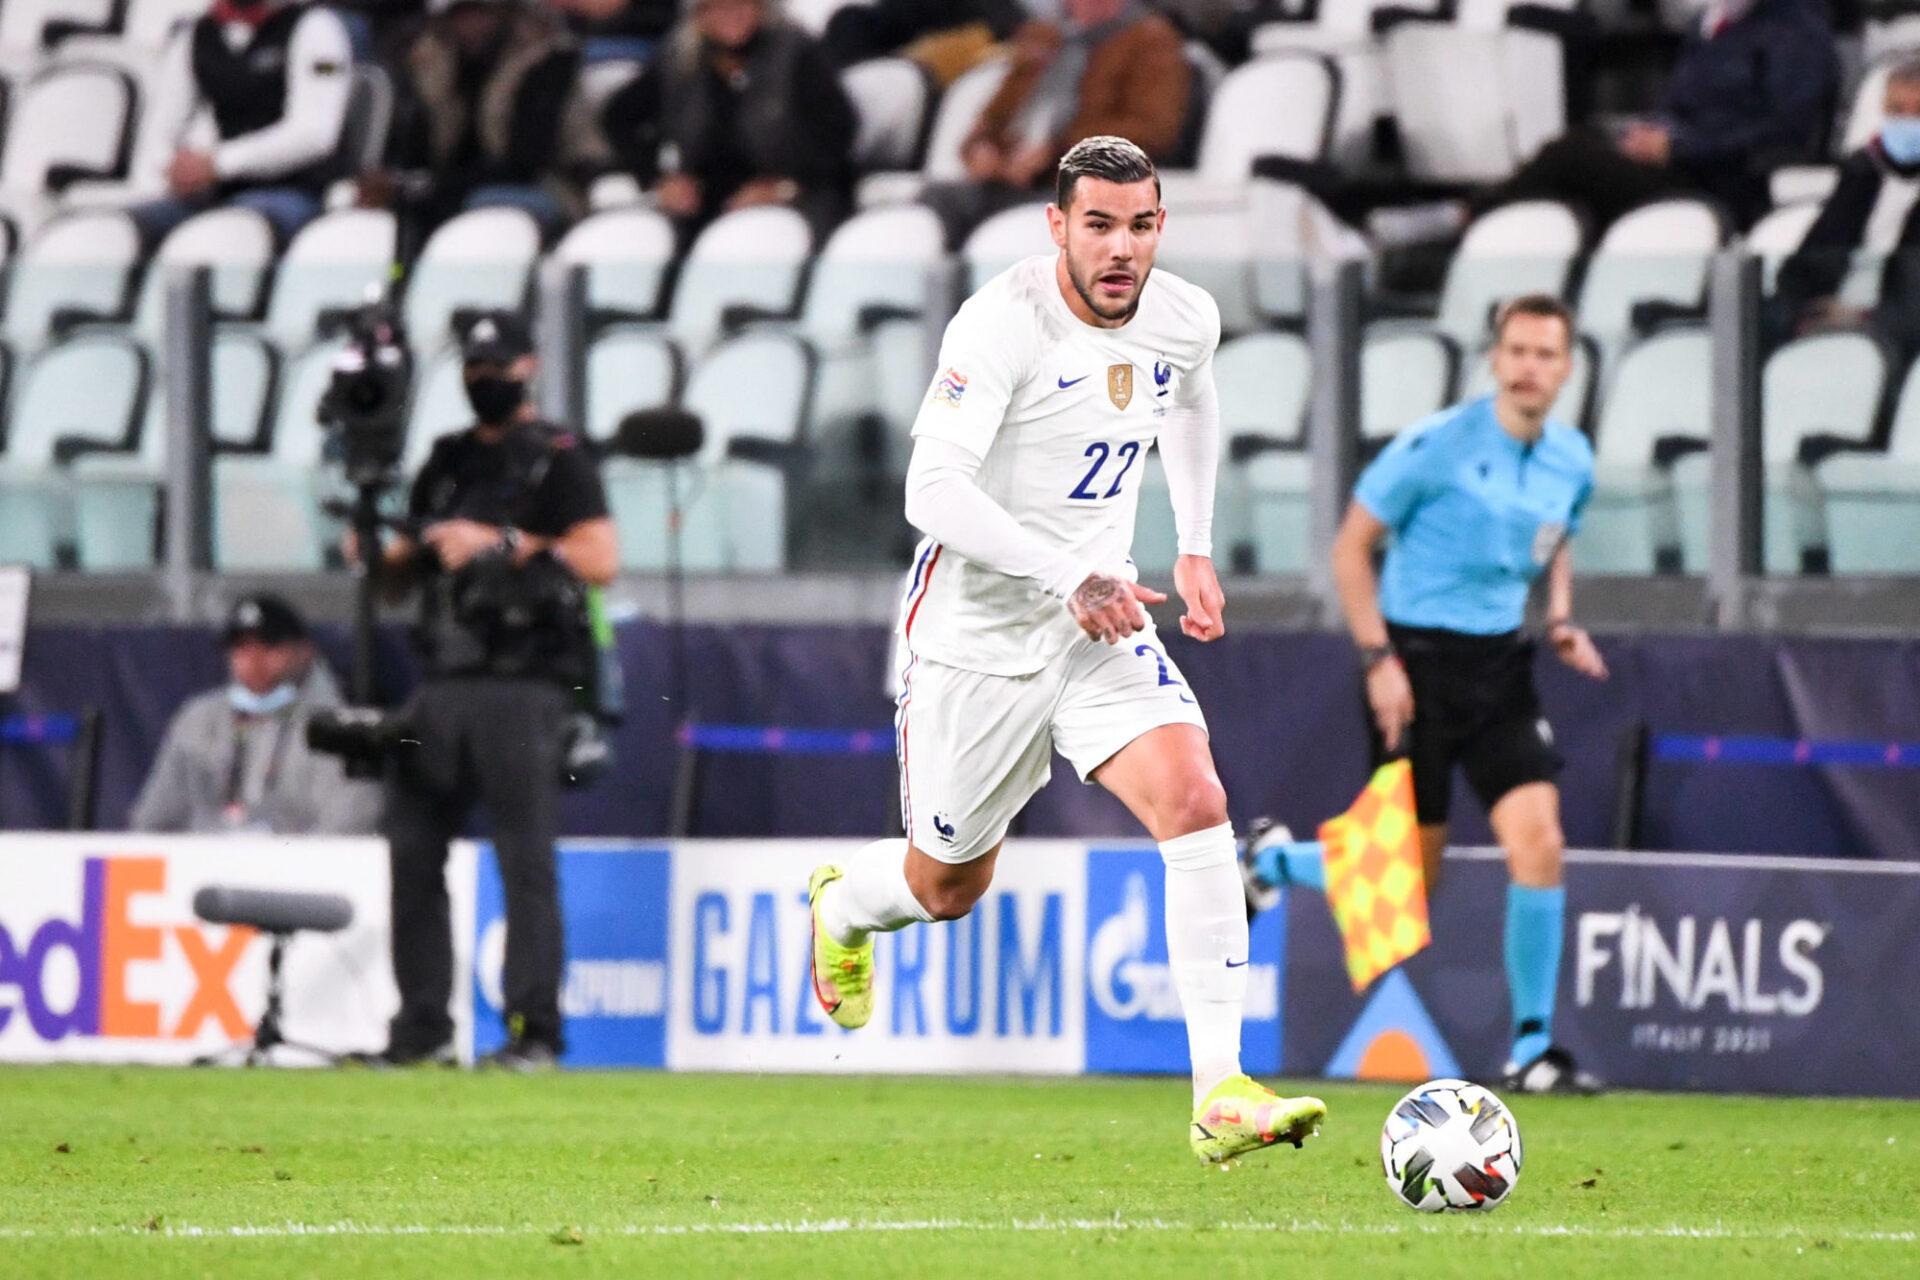 Si le 3-4-1-2 dernièrement utilisé contre la Finlande et la Belgique était reconduit contre l'Espagne, Theo Hernandez retrouverait probablement le poste de piston gauche. Icon Sport